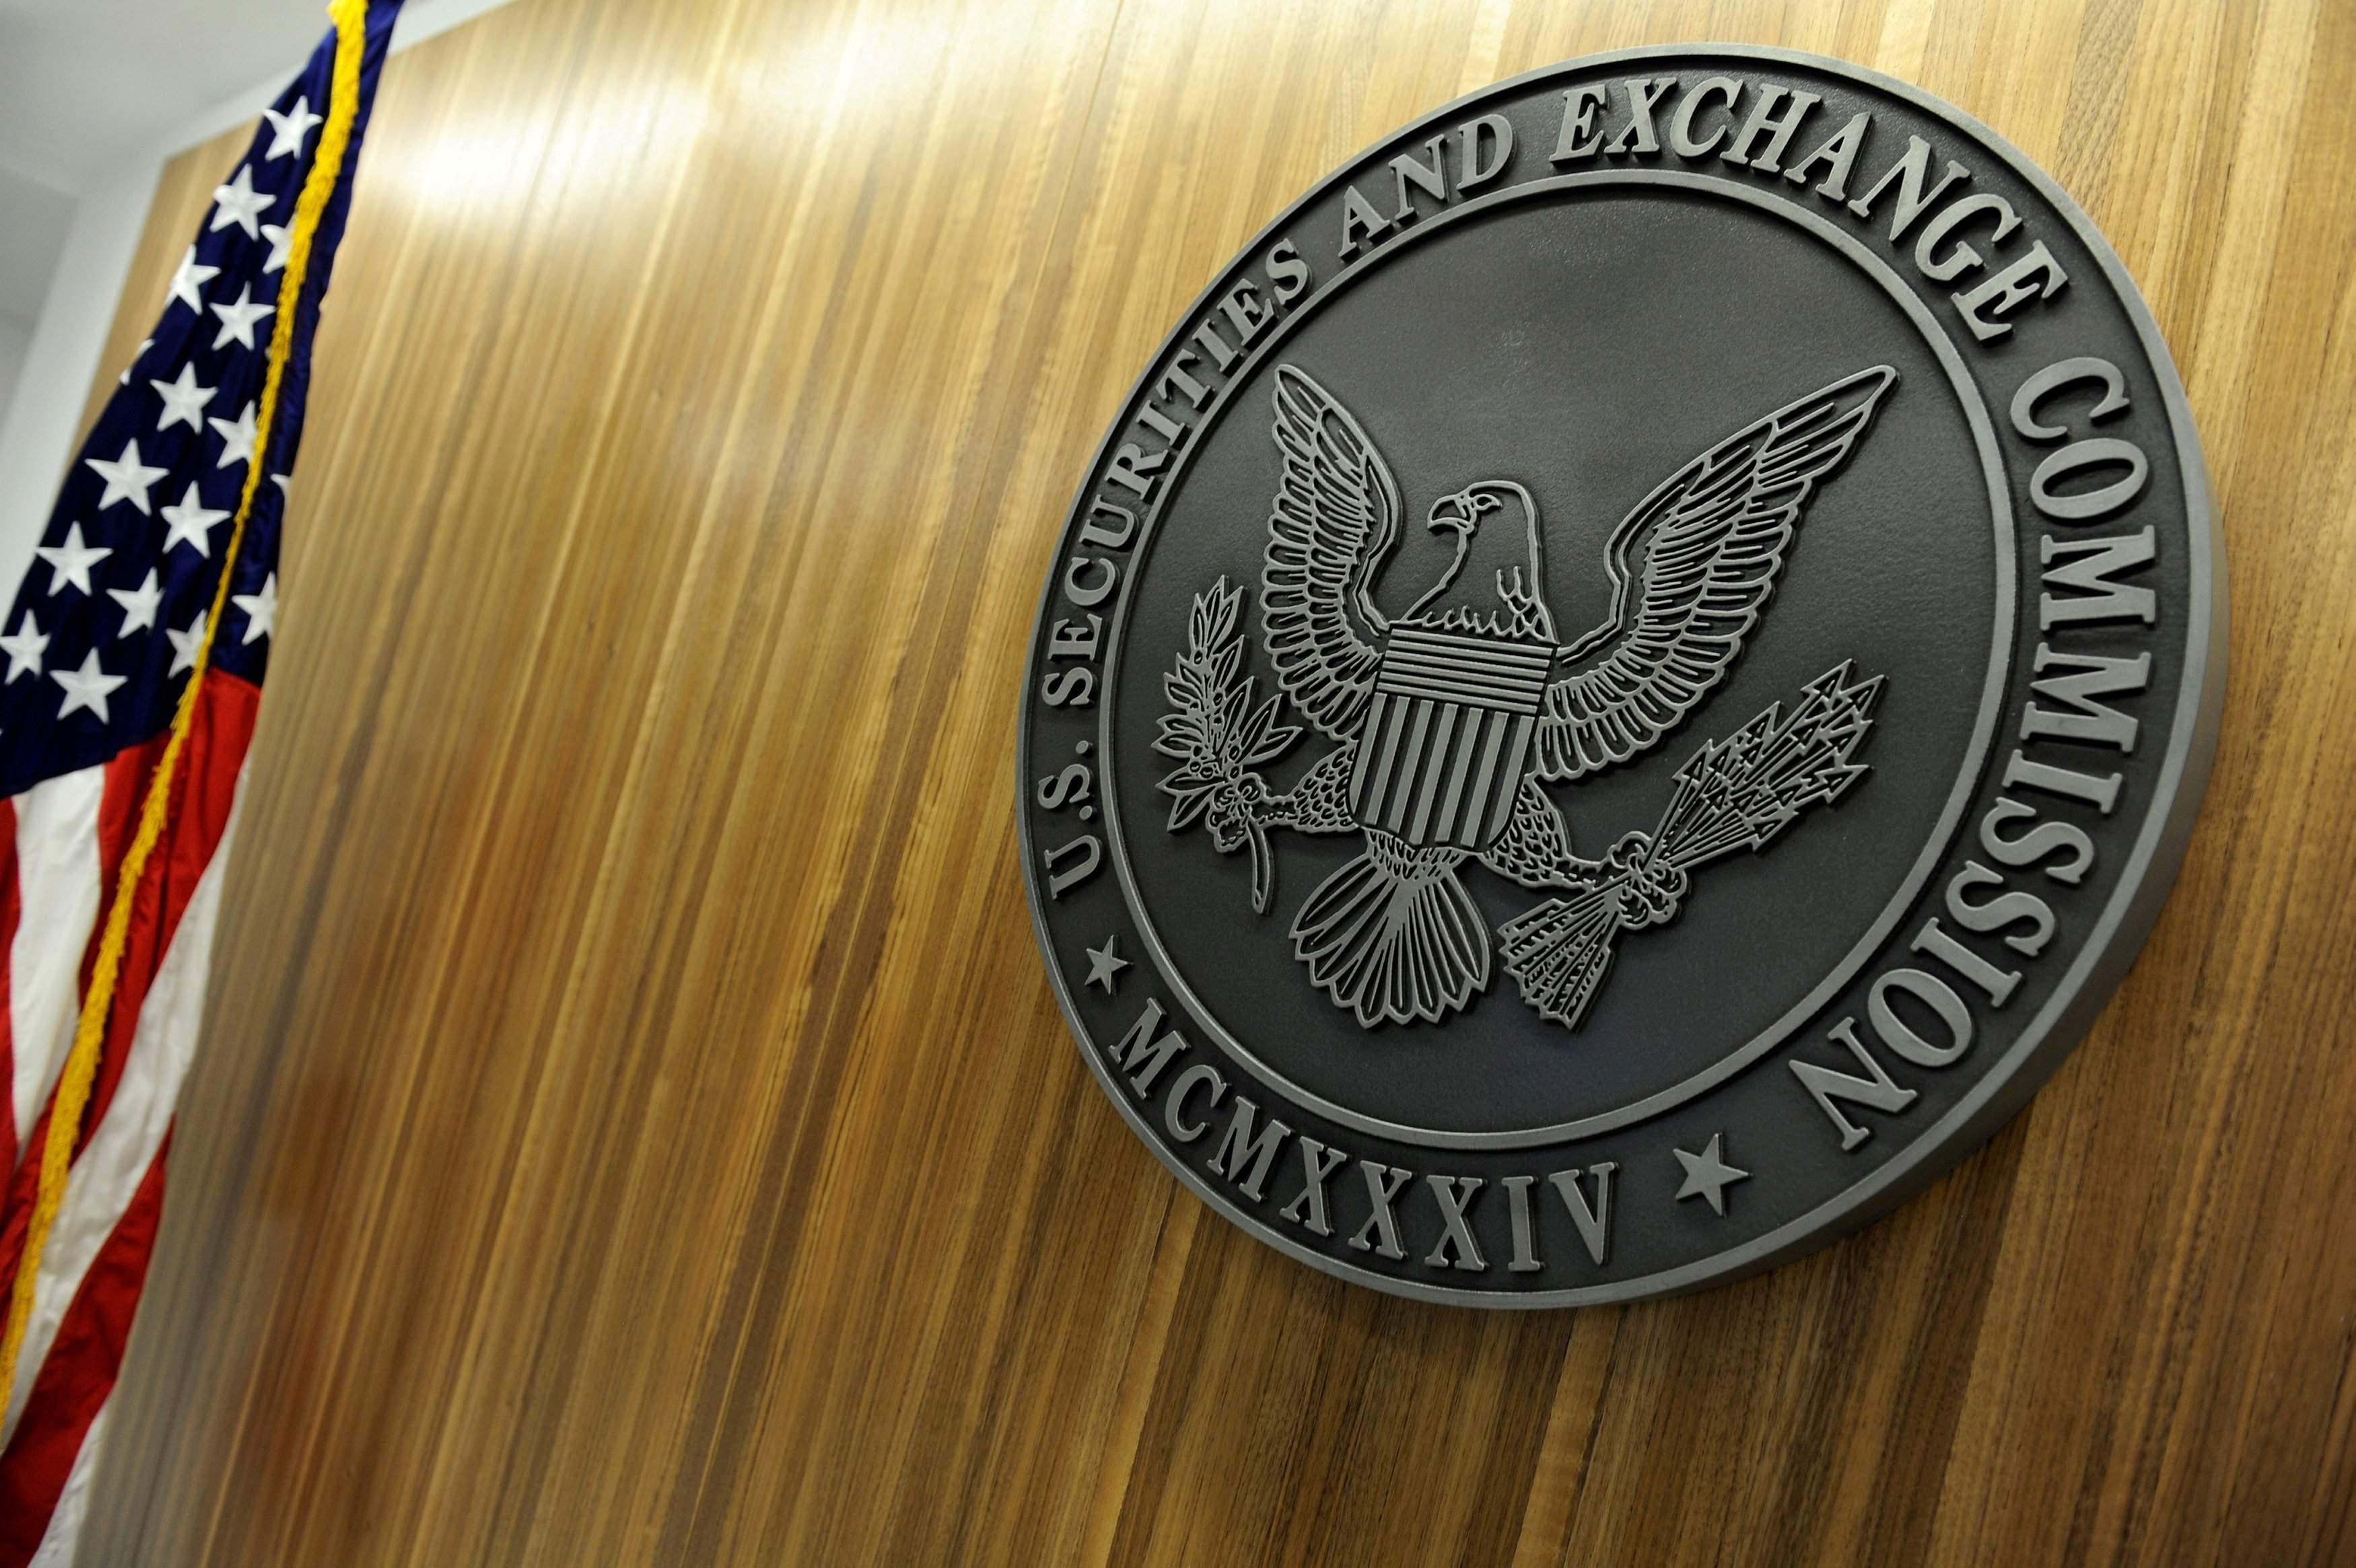 O que a revisão da rejeição de um ETF baseado em Bitcoin realmente significa?